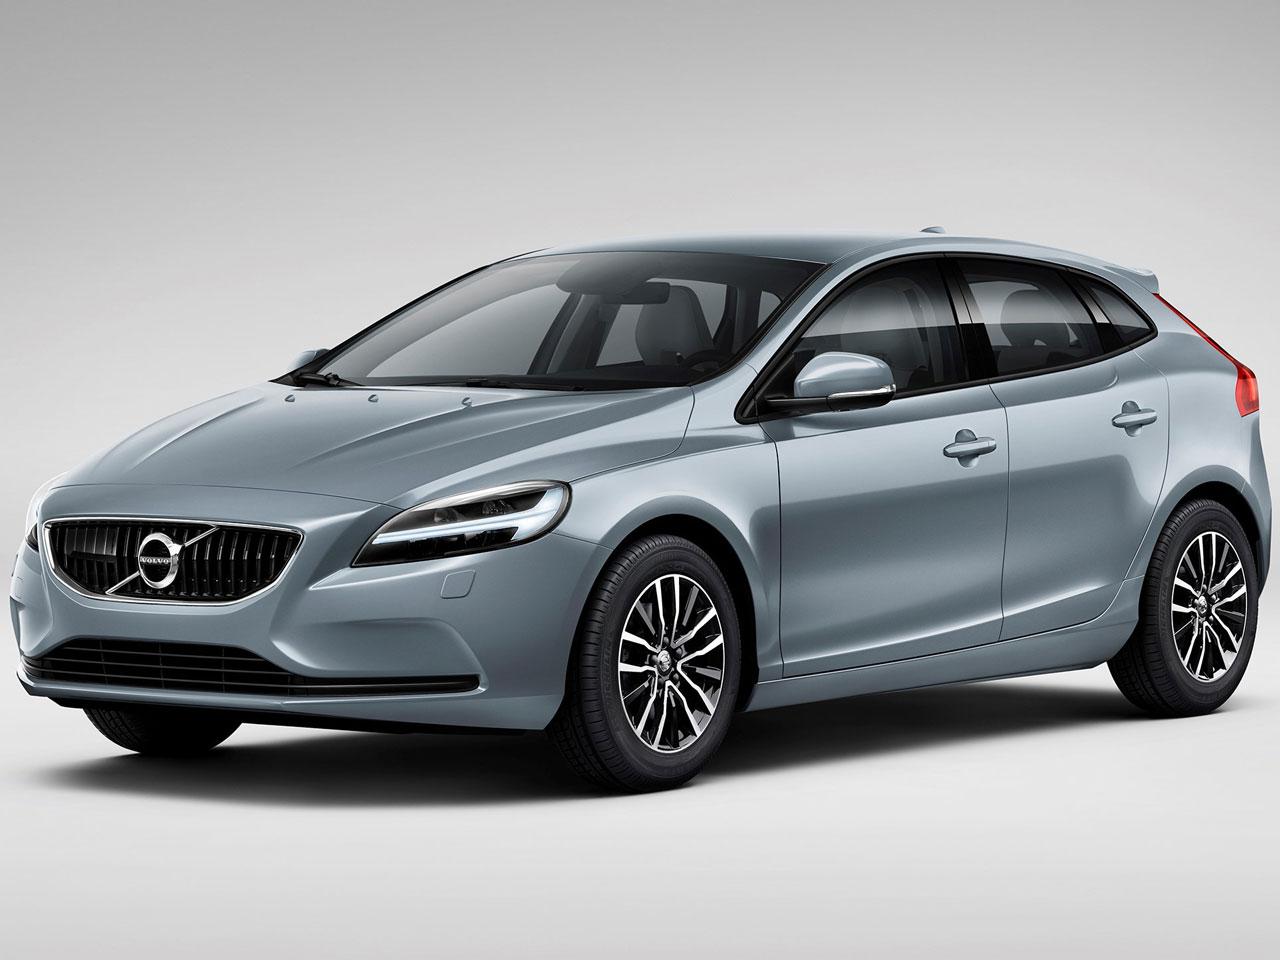 ボルボ V40 2013年モデル 新車画像